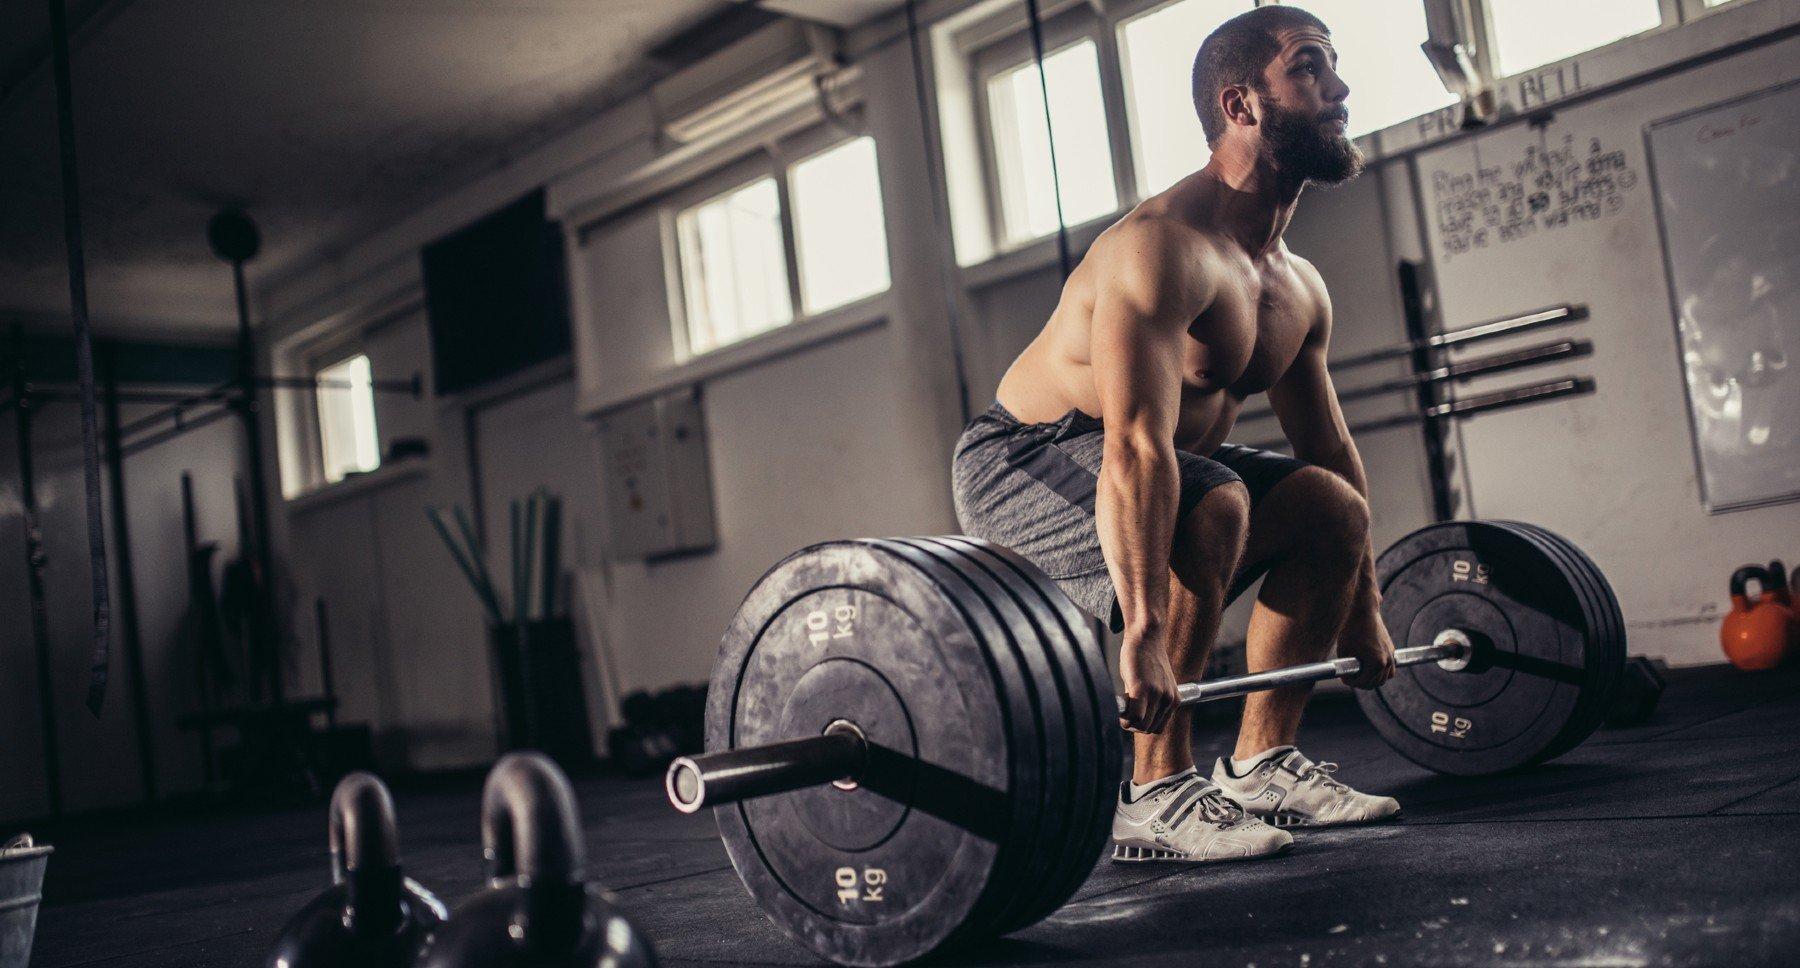 Proteinzufuhr bei Muskelaufbau? | Dein ultimativer Guide